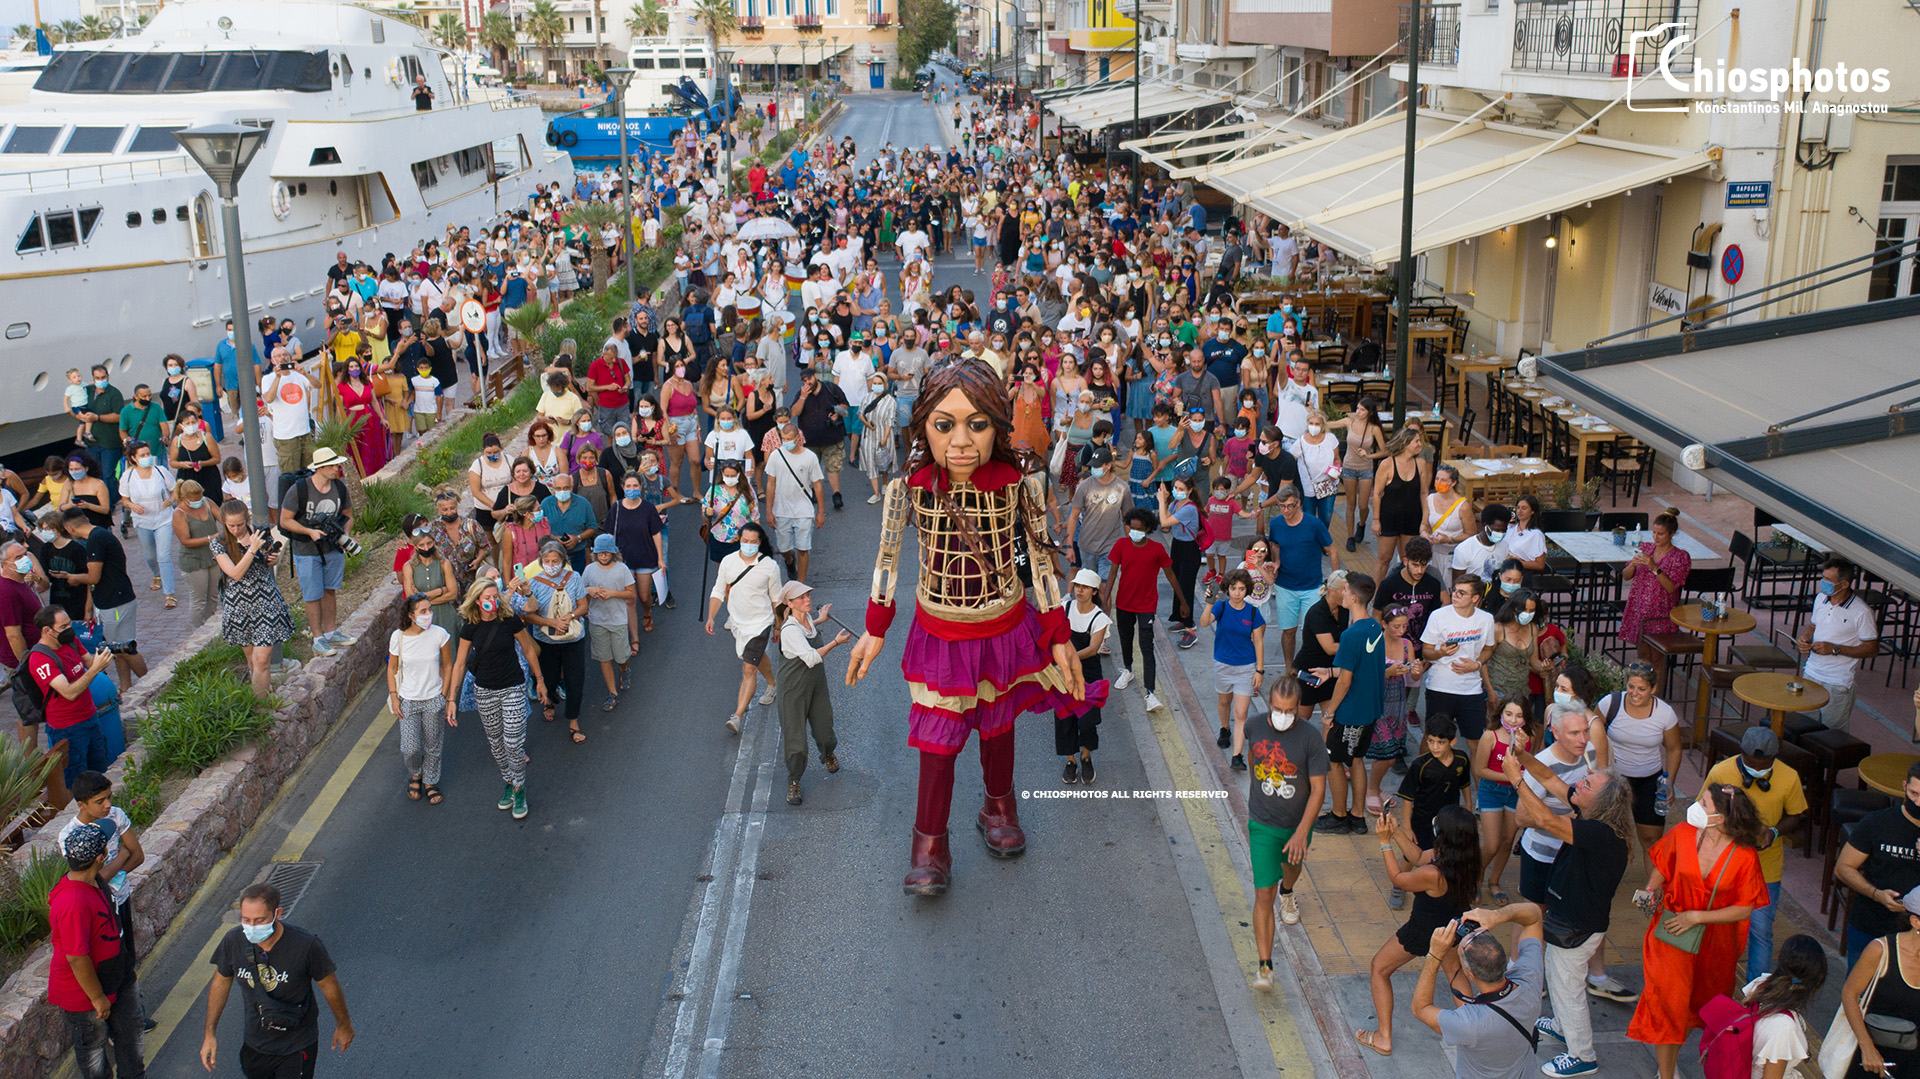 Η κούκλα – προσφυγοπούλα ύψους 3,5 μέτρων έφτασε στην Ελλάδα και περπάτησε στη Χίο